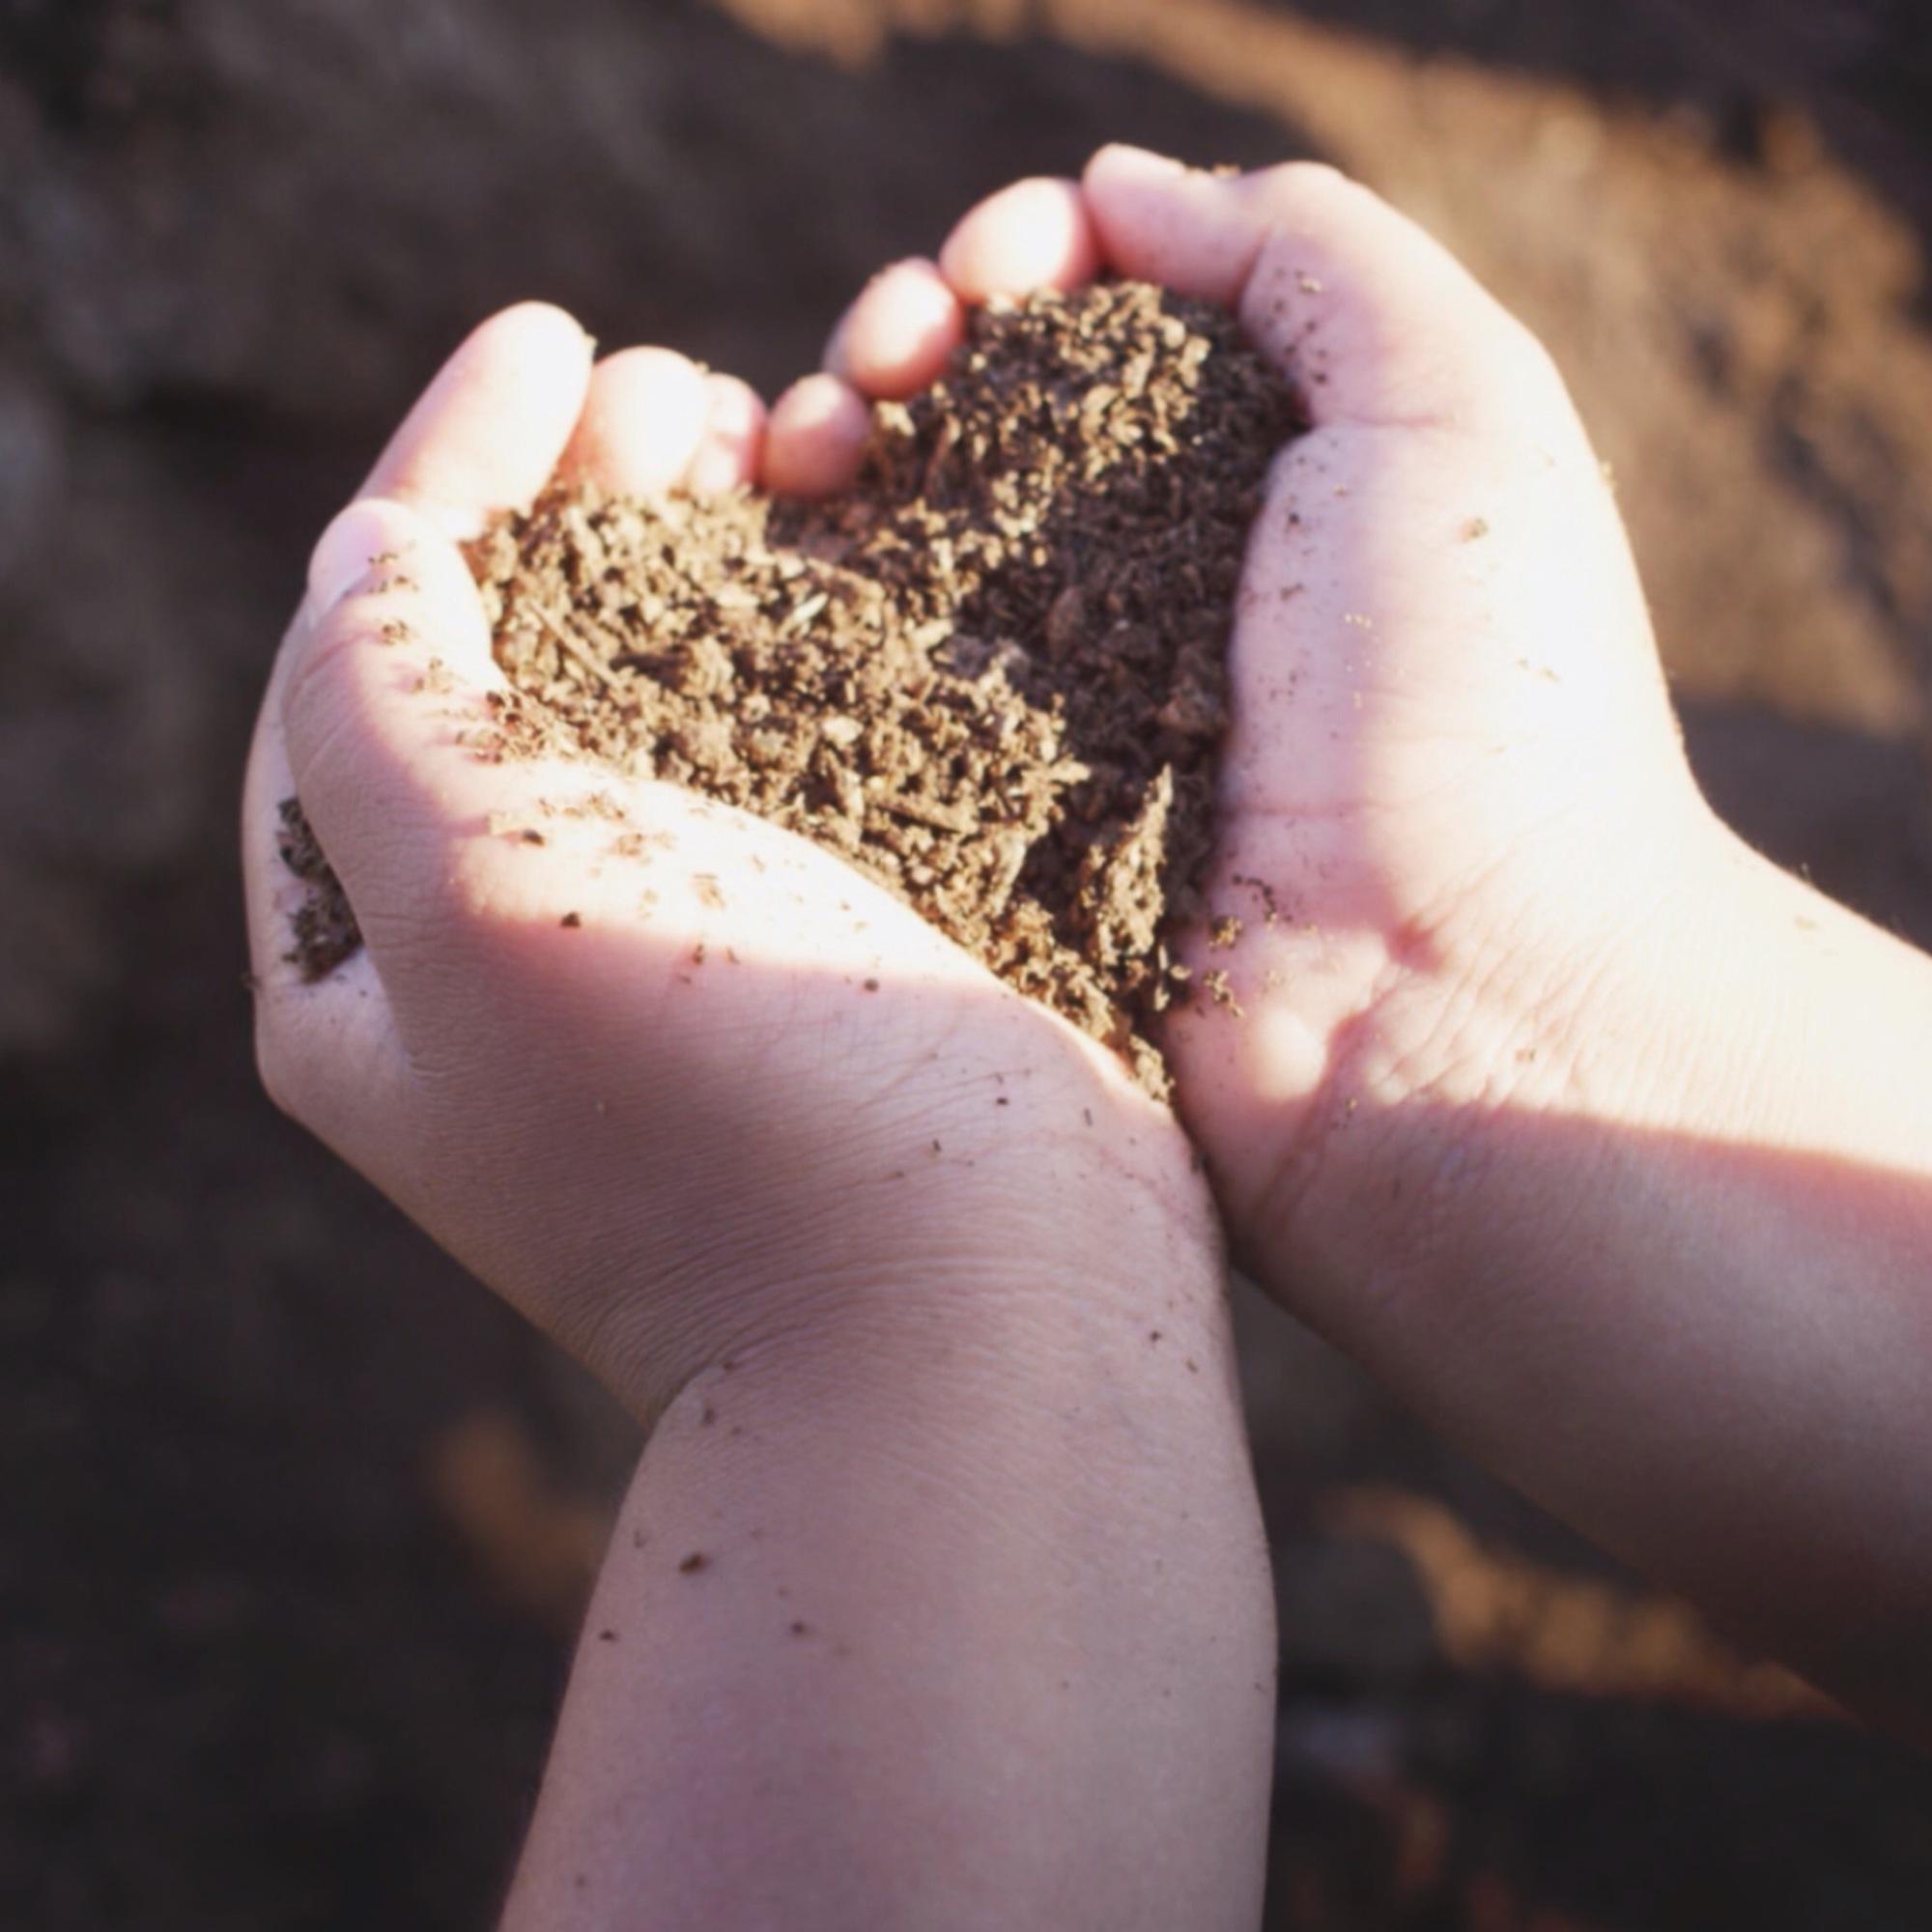 hands scooping dirt